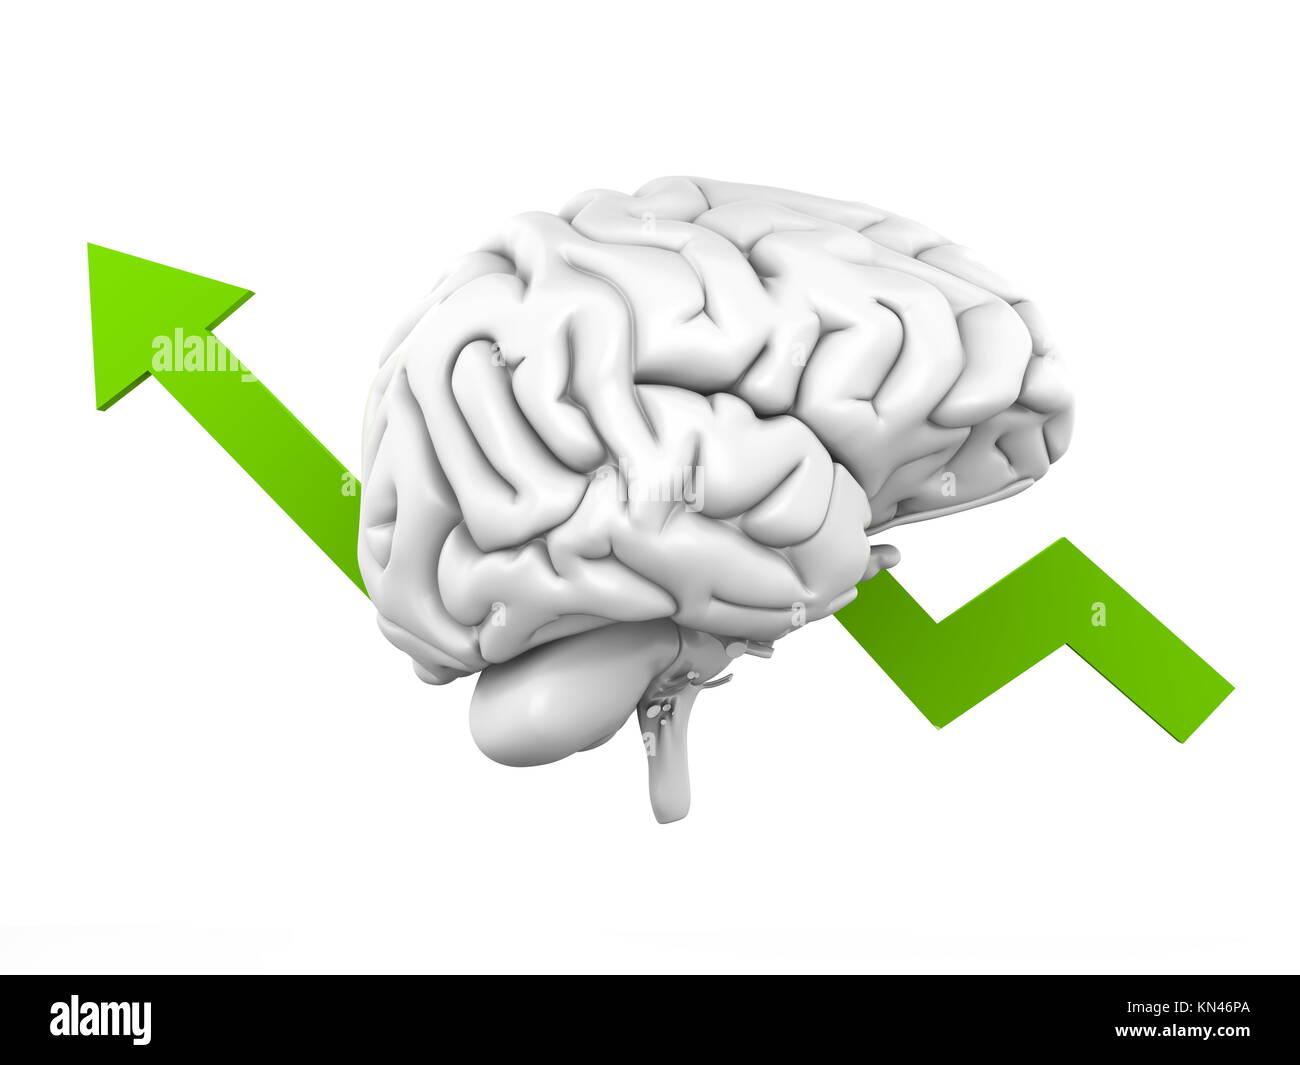 Inteligencia creciente. Ilustración 3D. Imagen De Stock